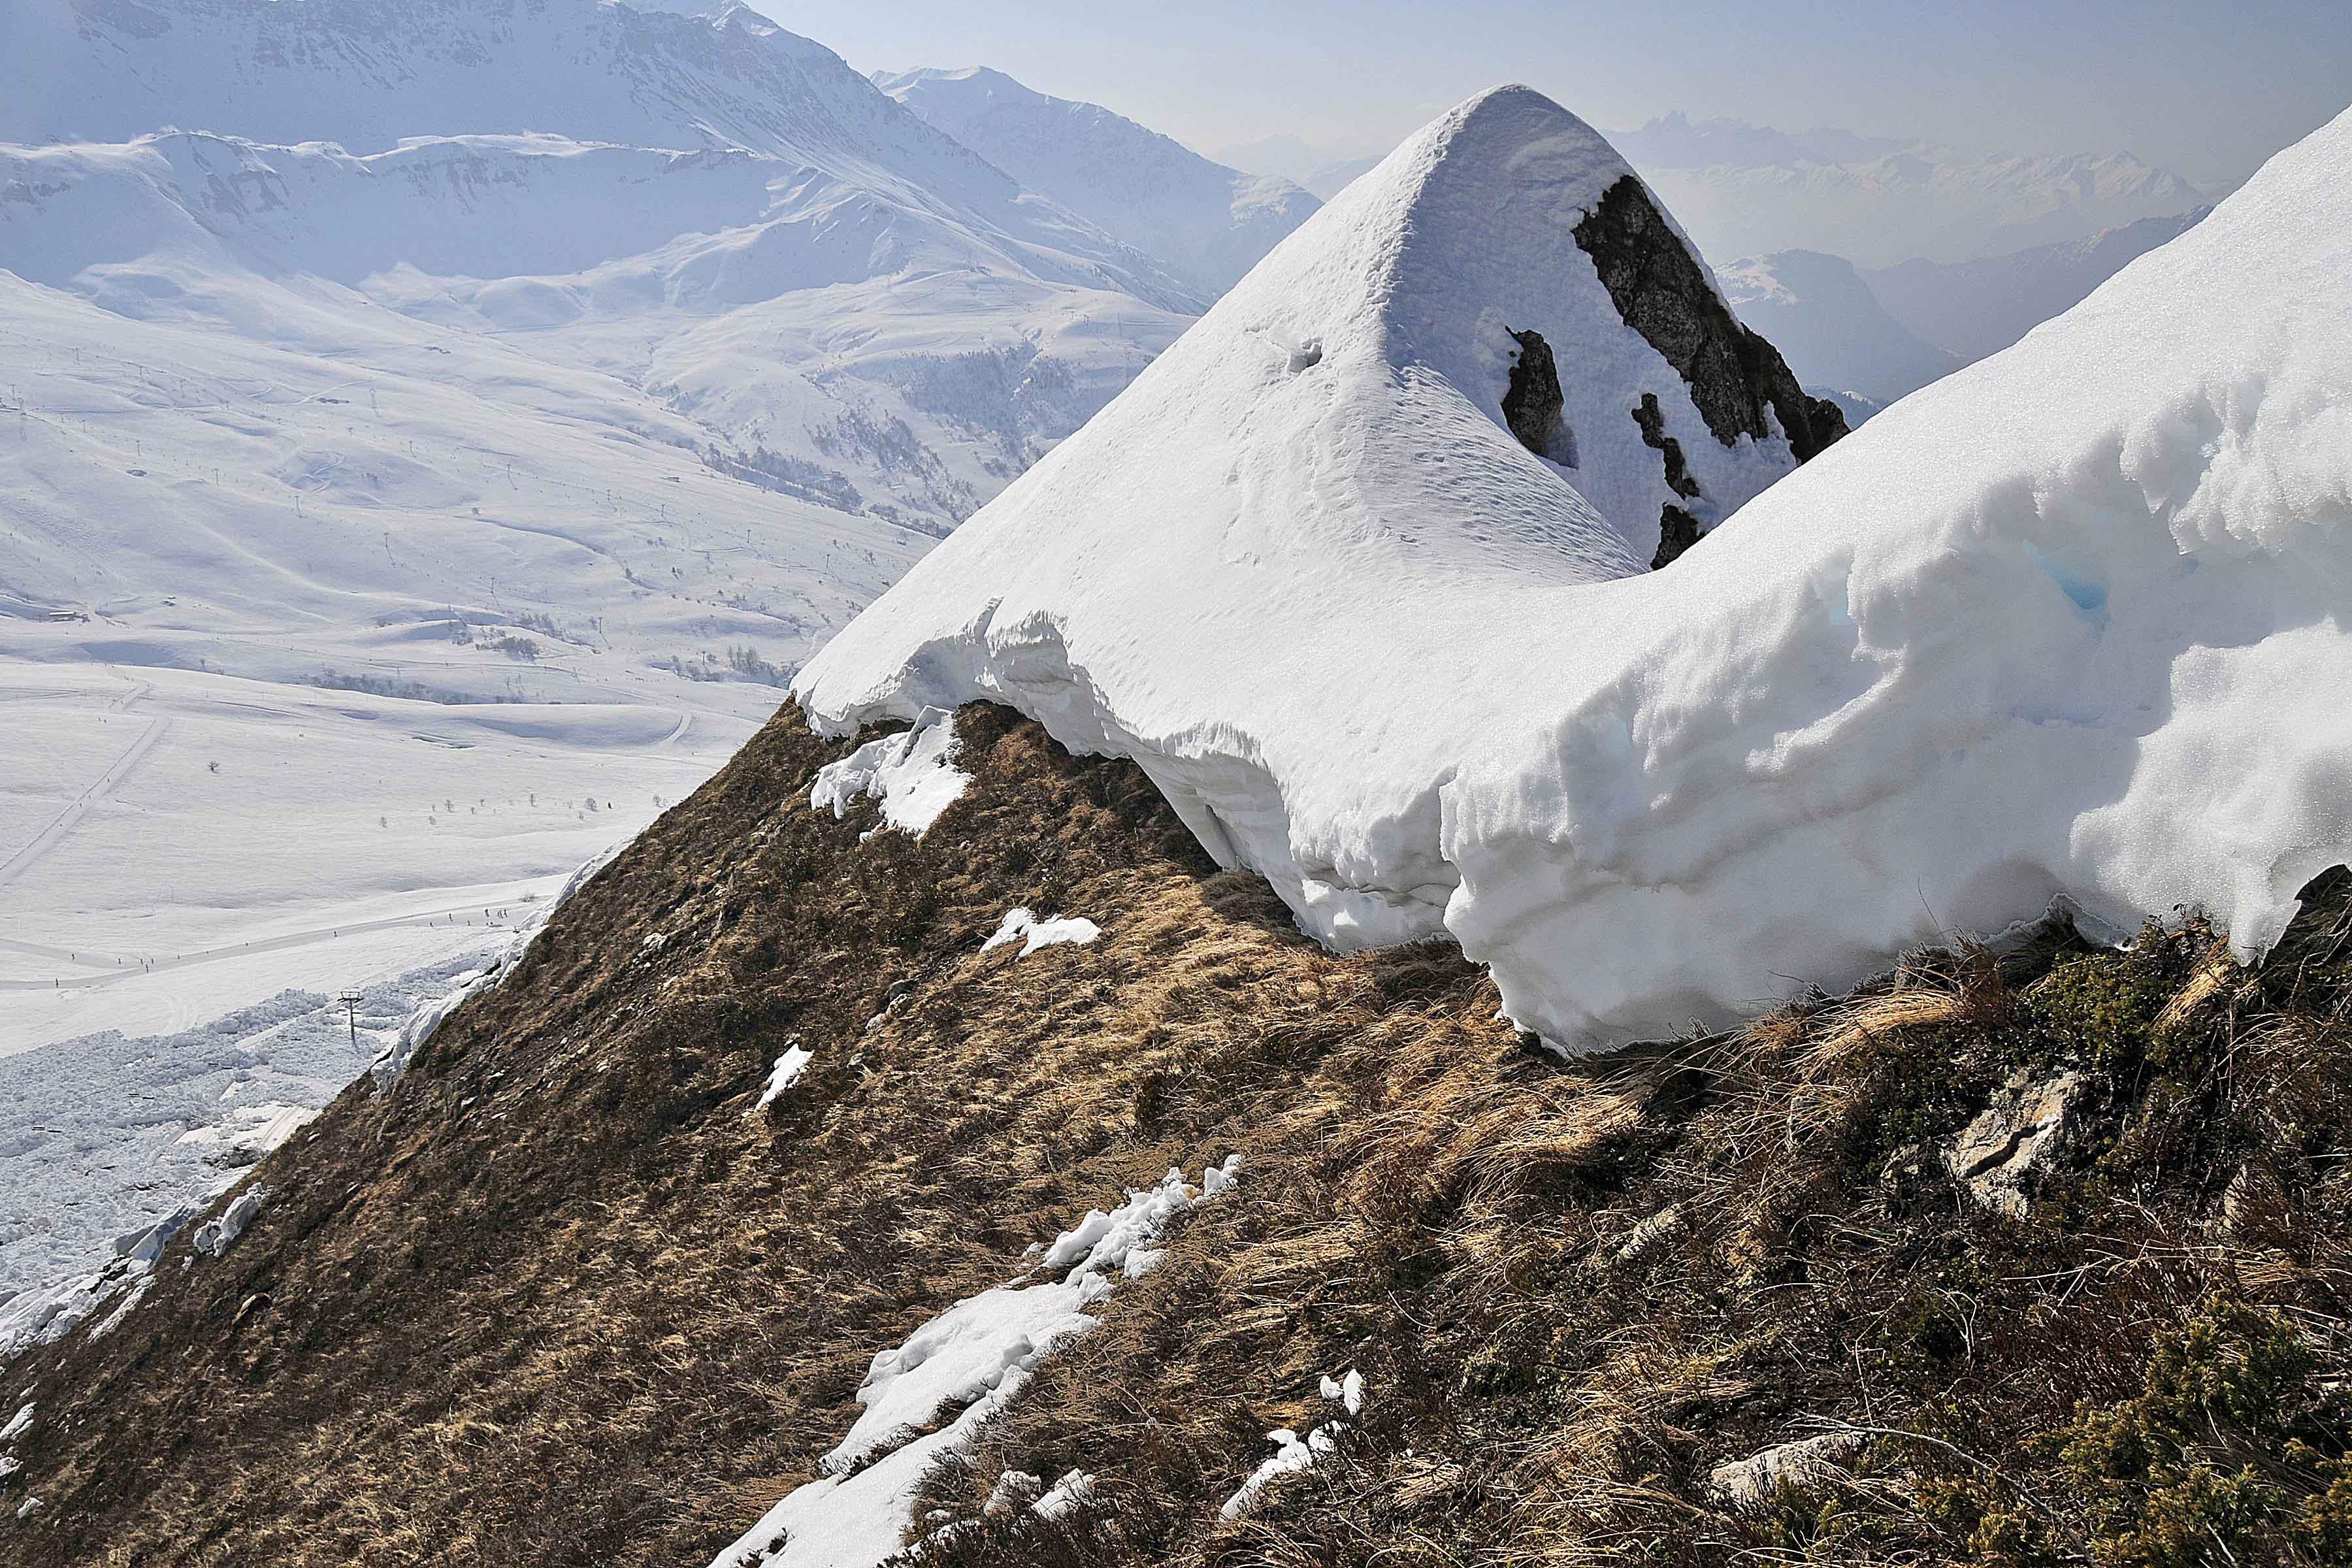 fissure entraînant une avalanche de glissement après un passage doux